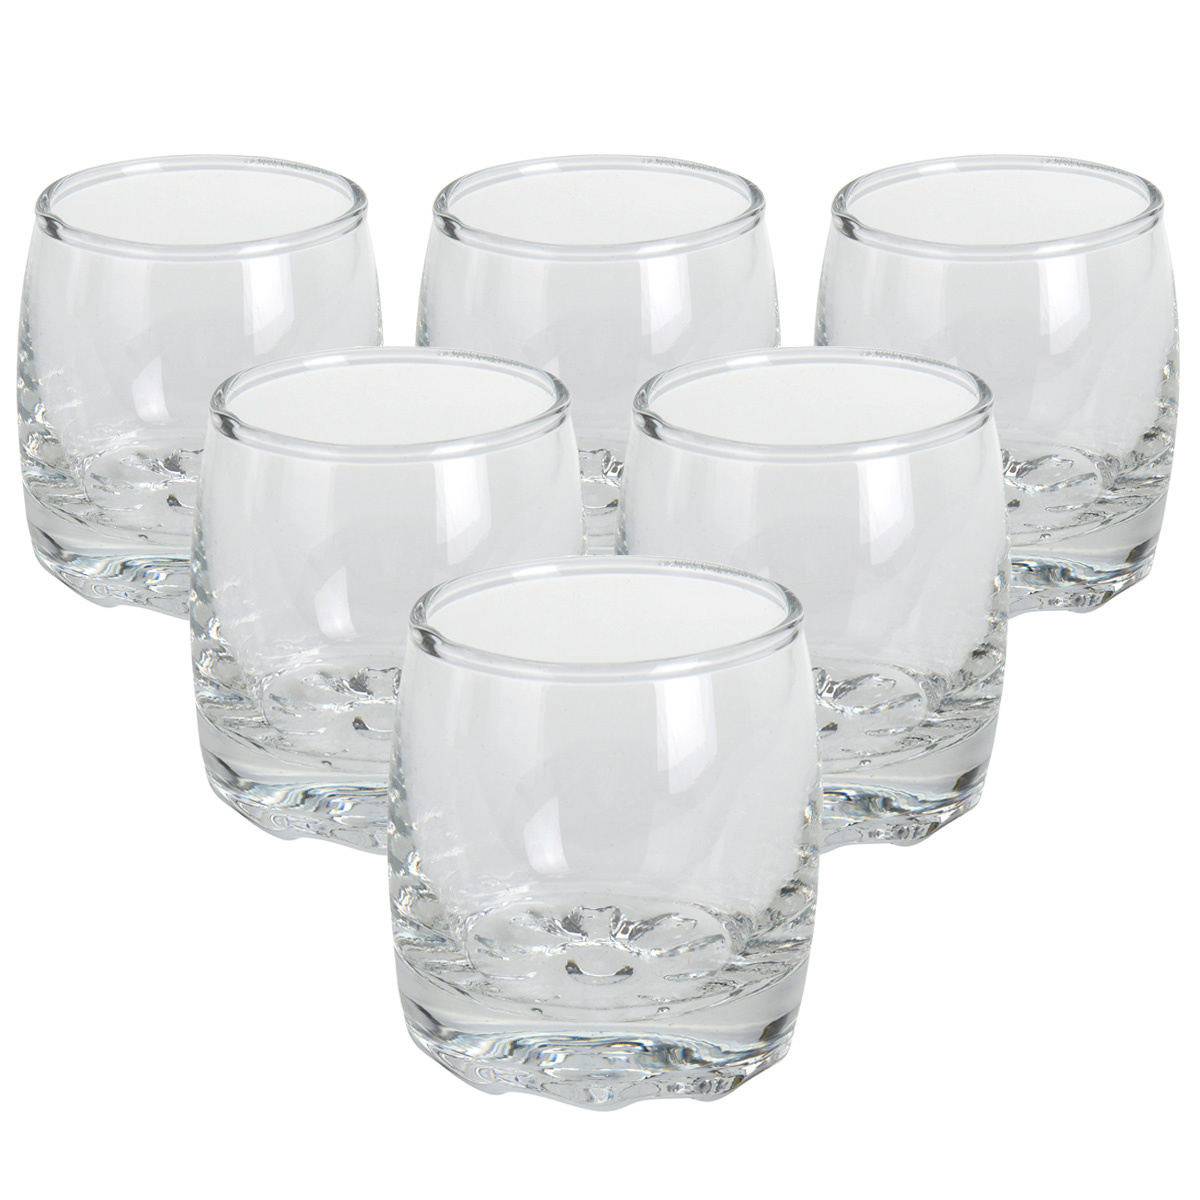 6-dielna sada pohárov Amuse, 100 ml